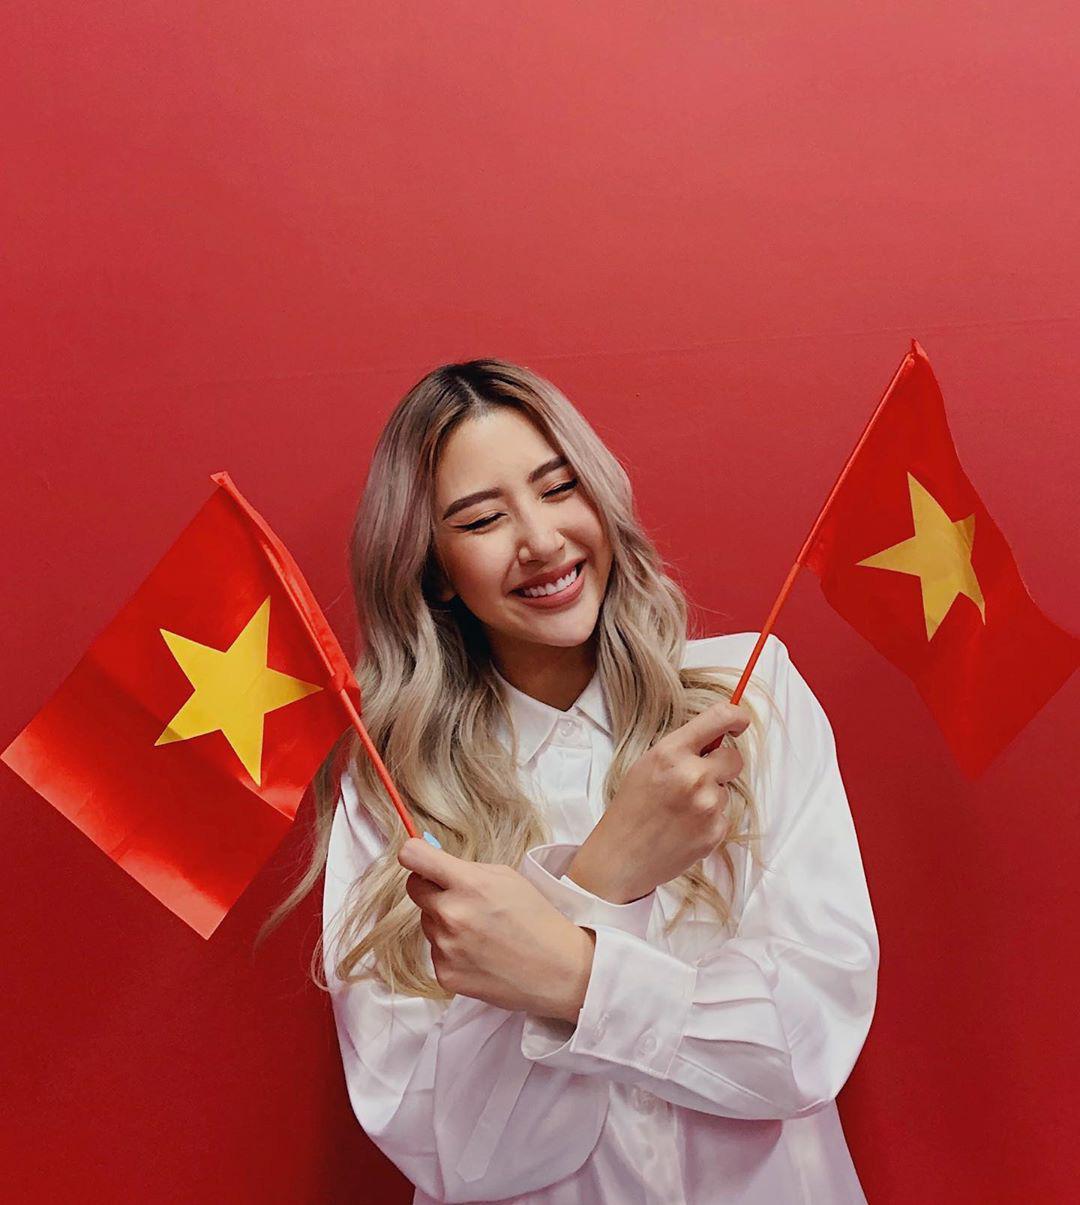 Cả dàn sao Việt nhuộm đỏ mạng xã hội khi cùng diện áo đỏ mừng chiến thắng của đội tuyển Việt Nam - Ảnh 9.